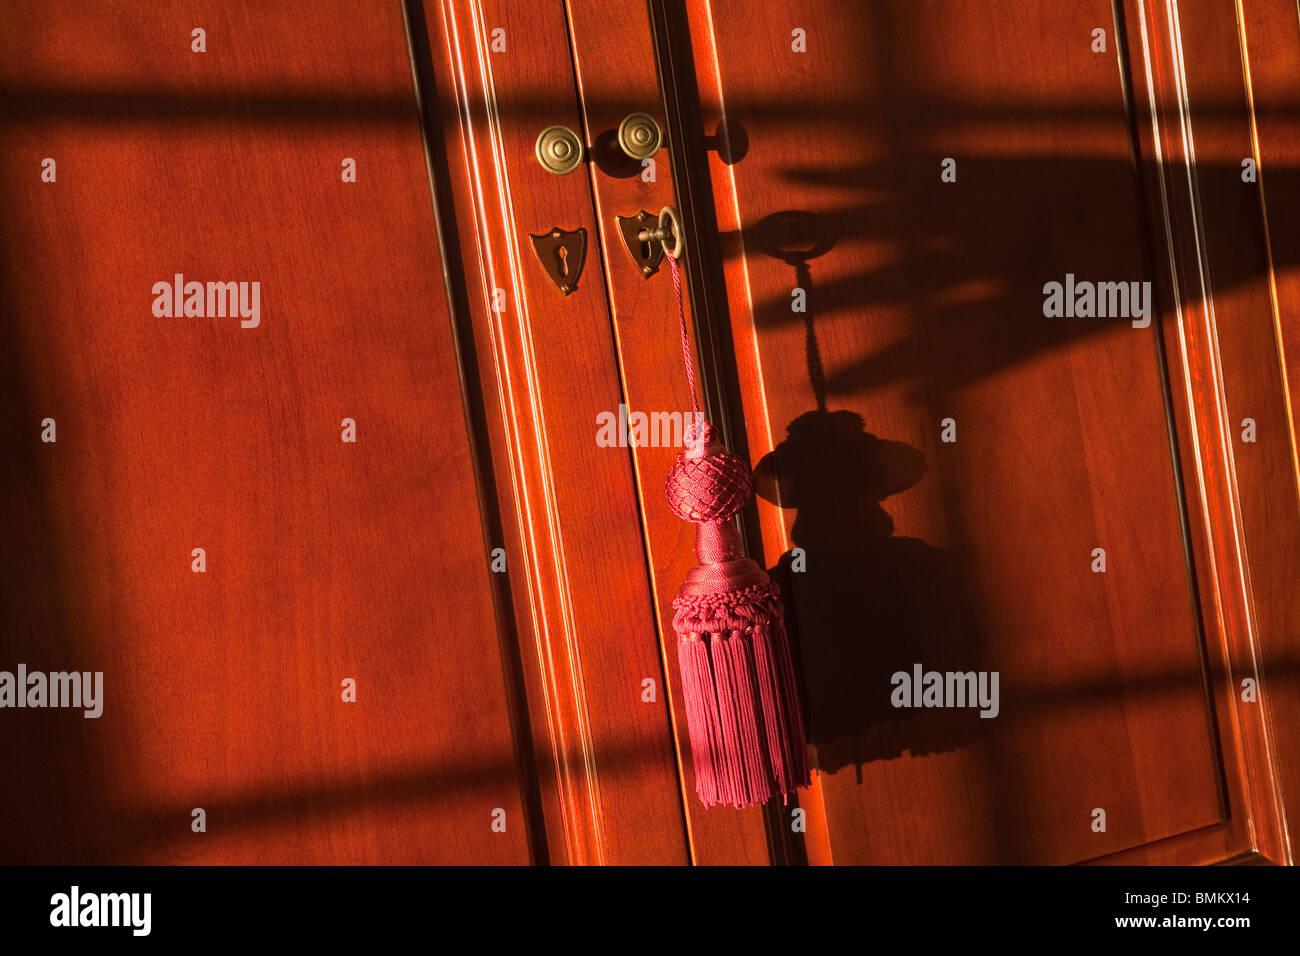 Detalle de la llave dentro de la cerradura armario Foto de stock